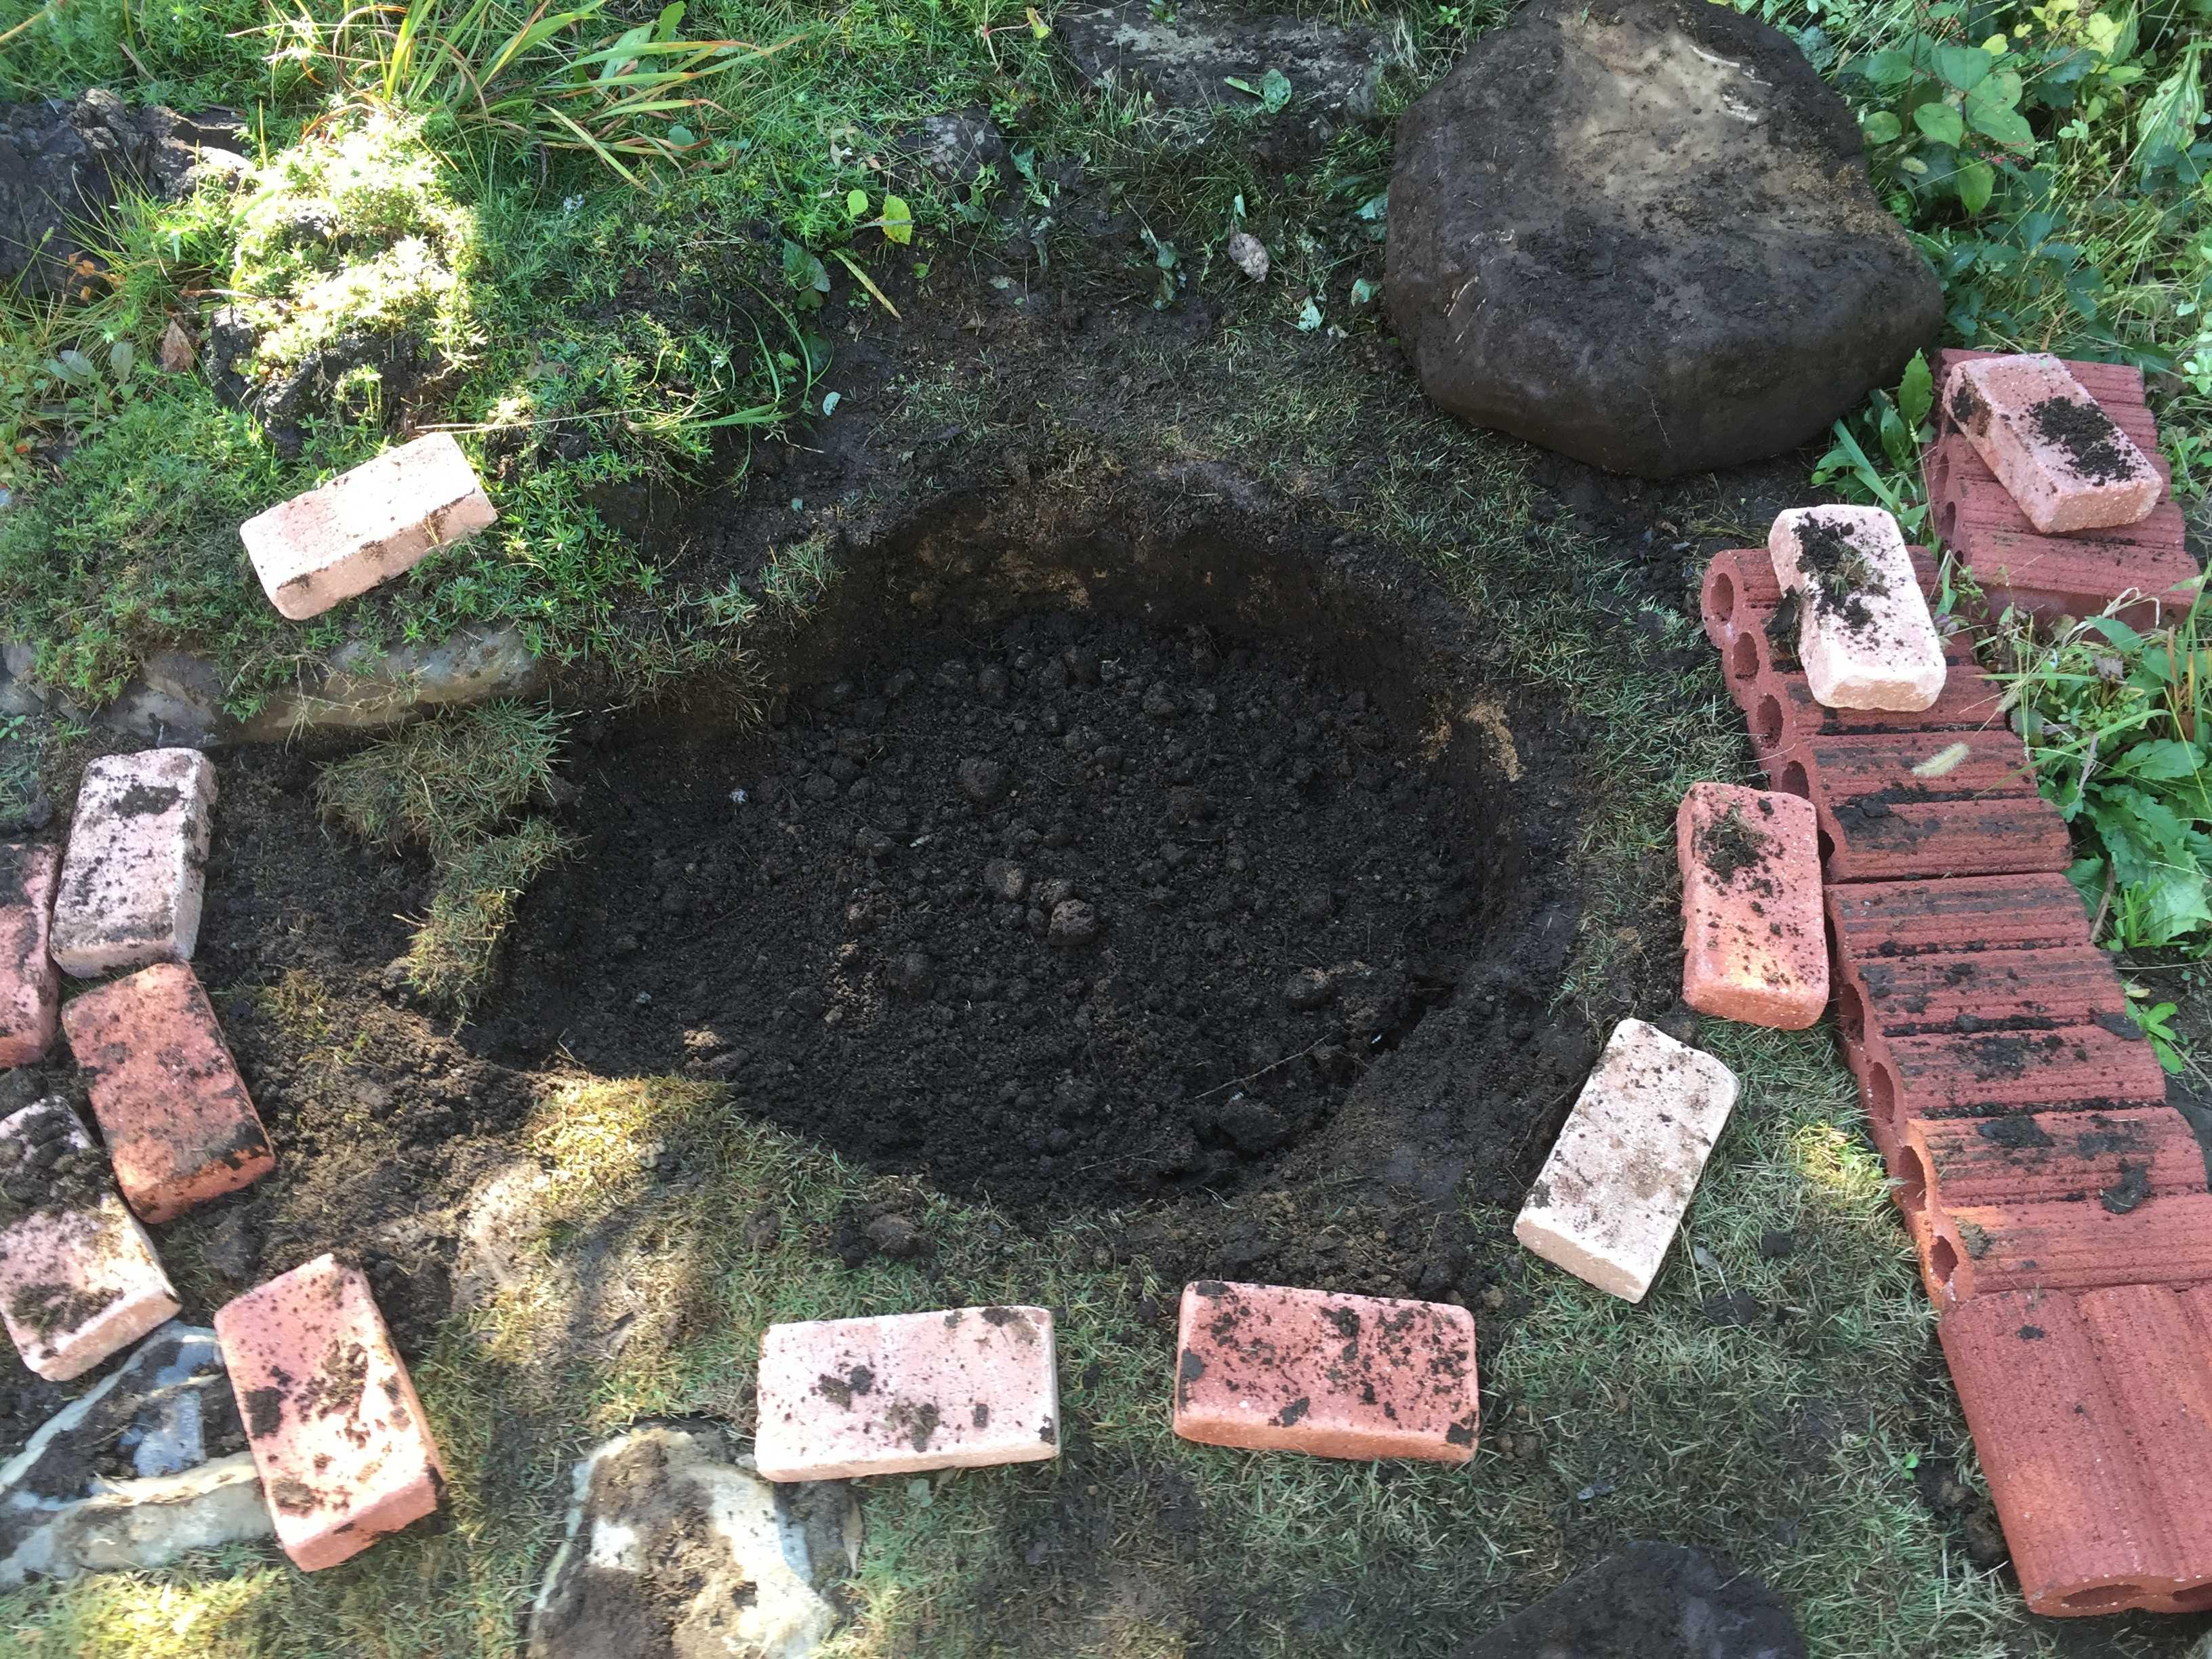 植え付け場所 - 水仙の球根の植え方